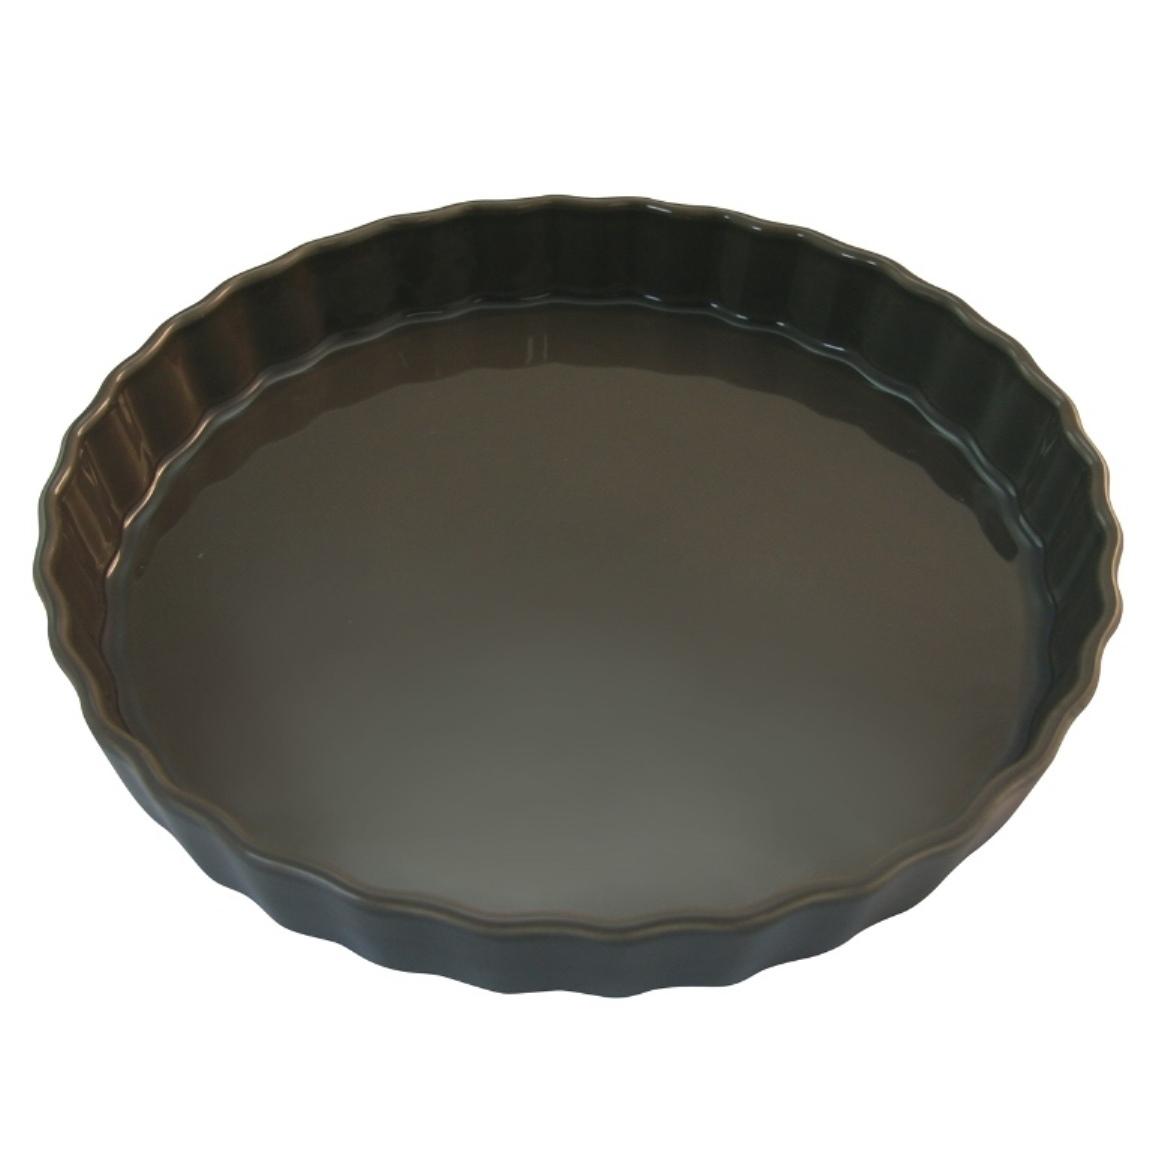 Форма для пирога 30 см Appolia Delices DARK GREY 10530044Формы для запекания (выпечки)<br>Форма для пирога 30 см Appolia Delices DARK GREY 10530044<br><br>Благодаря большому разнообразию изящных форм и широкой цветовой гамме, коллекция DELICES предлагает всевозможные варианты приготовления блюд для себя и гостей. Выбирайте цвета в соответствии с вашими желаниями и вашей кухне. Закругленные углы облегчают чистку. Легко использовать. Большие удобные ручки. Прочная жароустойчивая керамика экологична и изготавливается из высококачественной глины. Прочная глазурь устойчива к растрескиванию и сколам, не содержит свинца и кадмия. Глина обеспечивает медленный и равномерный нагрев, деликатное приготовление с сохранением всех питательных веществ и витаминов, а та же долго сохраняет тепло, что удобно при сервировке горячих блюд.<br>